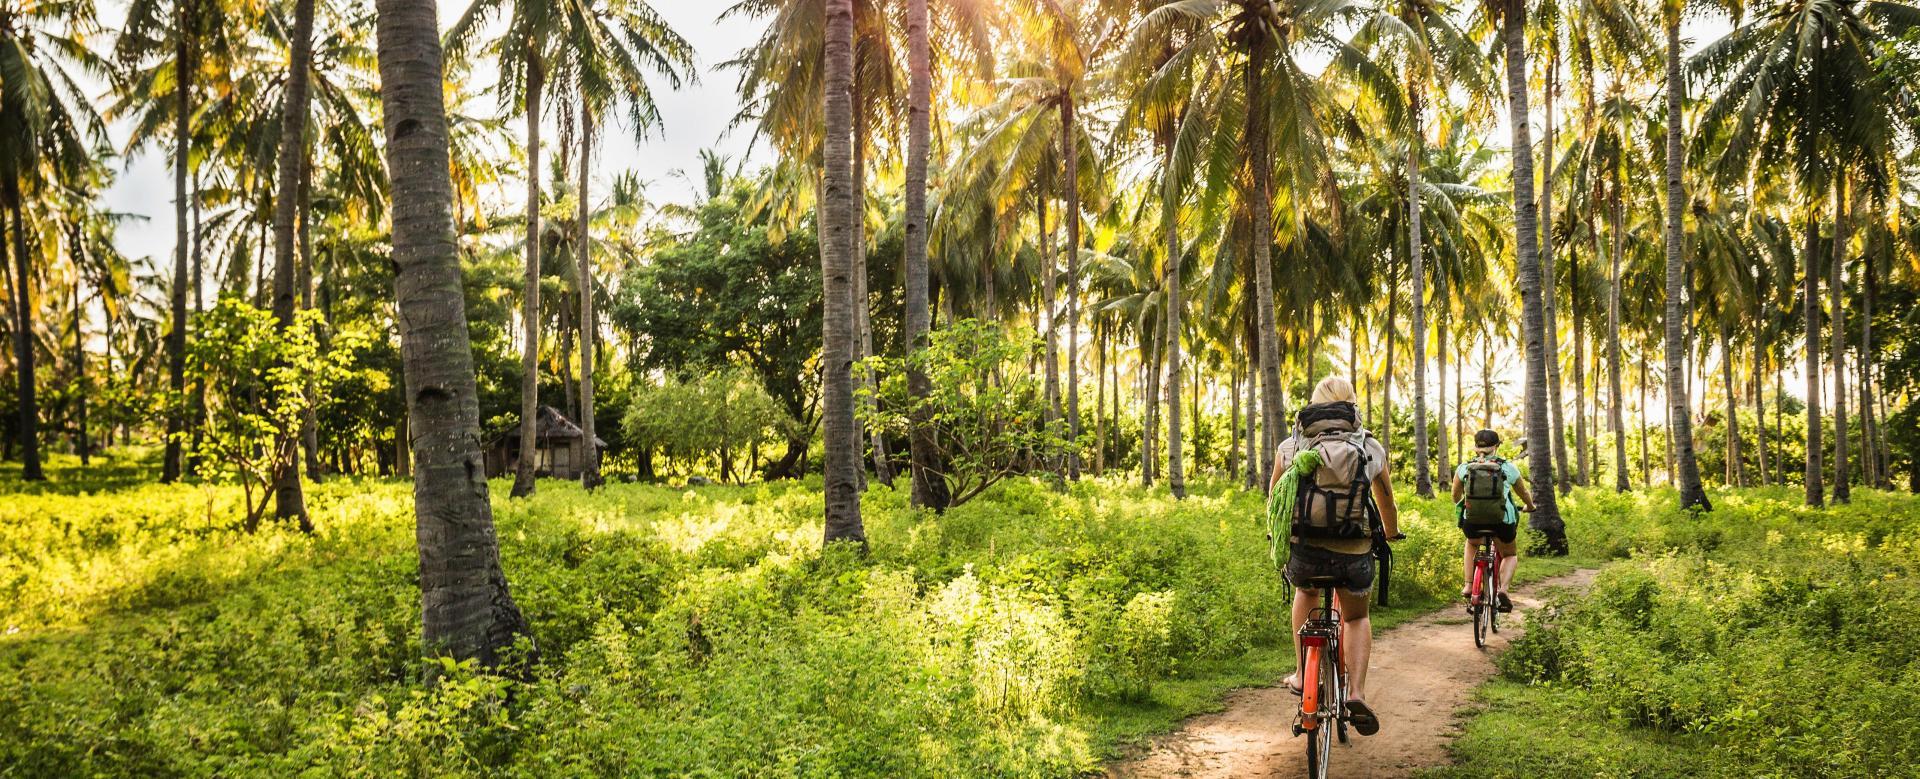 Voyage en véhicule : Vélo et rando à bali